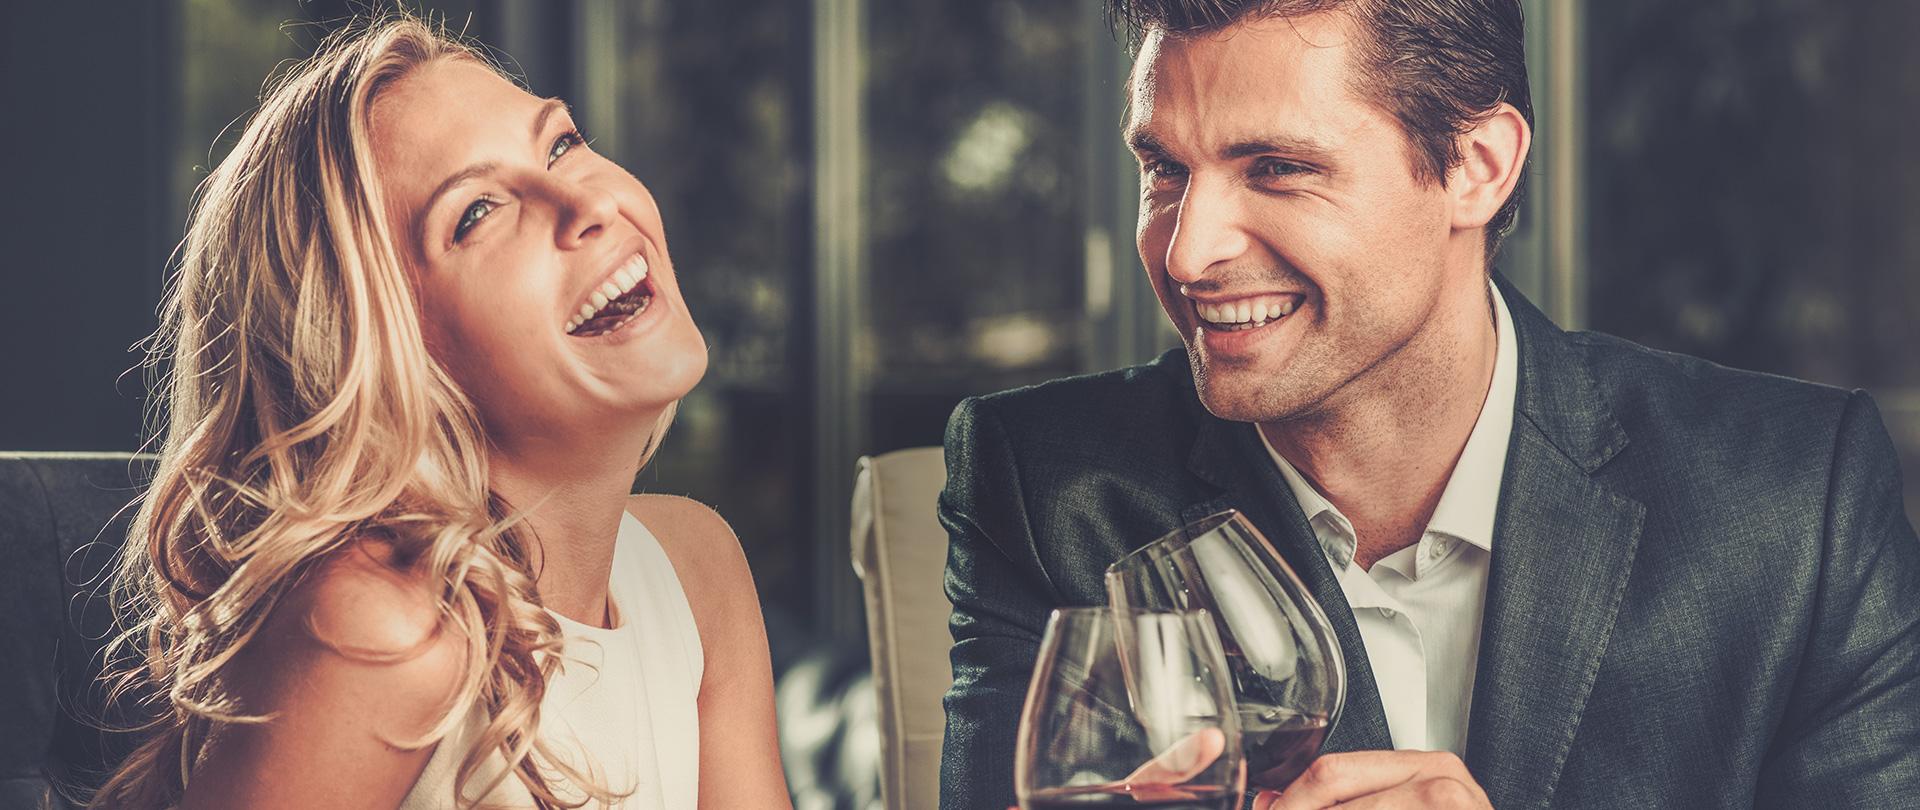 Original, Romantic, VIP Date Night